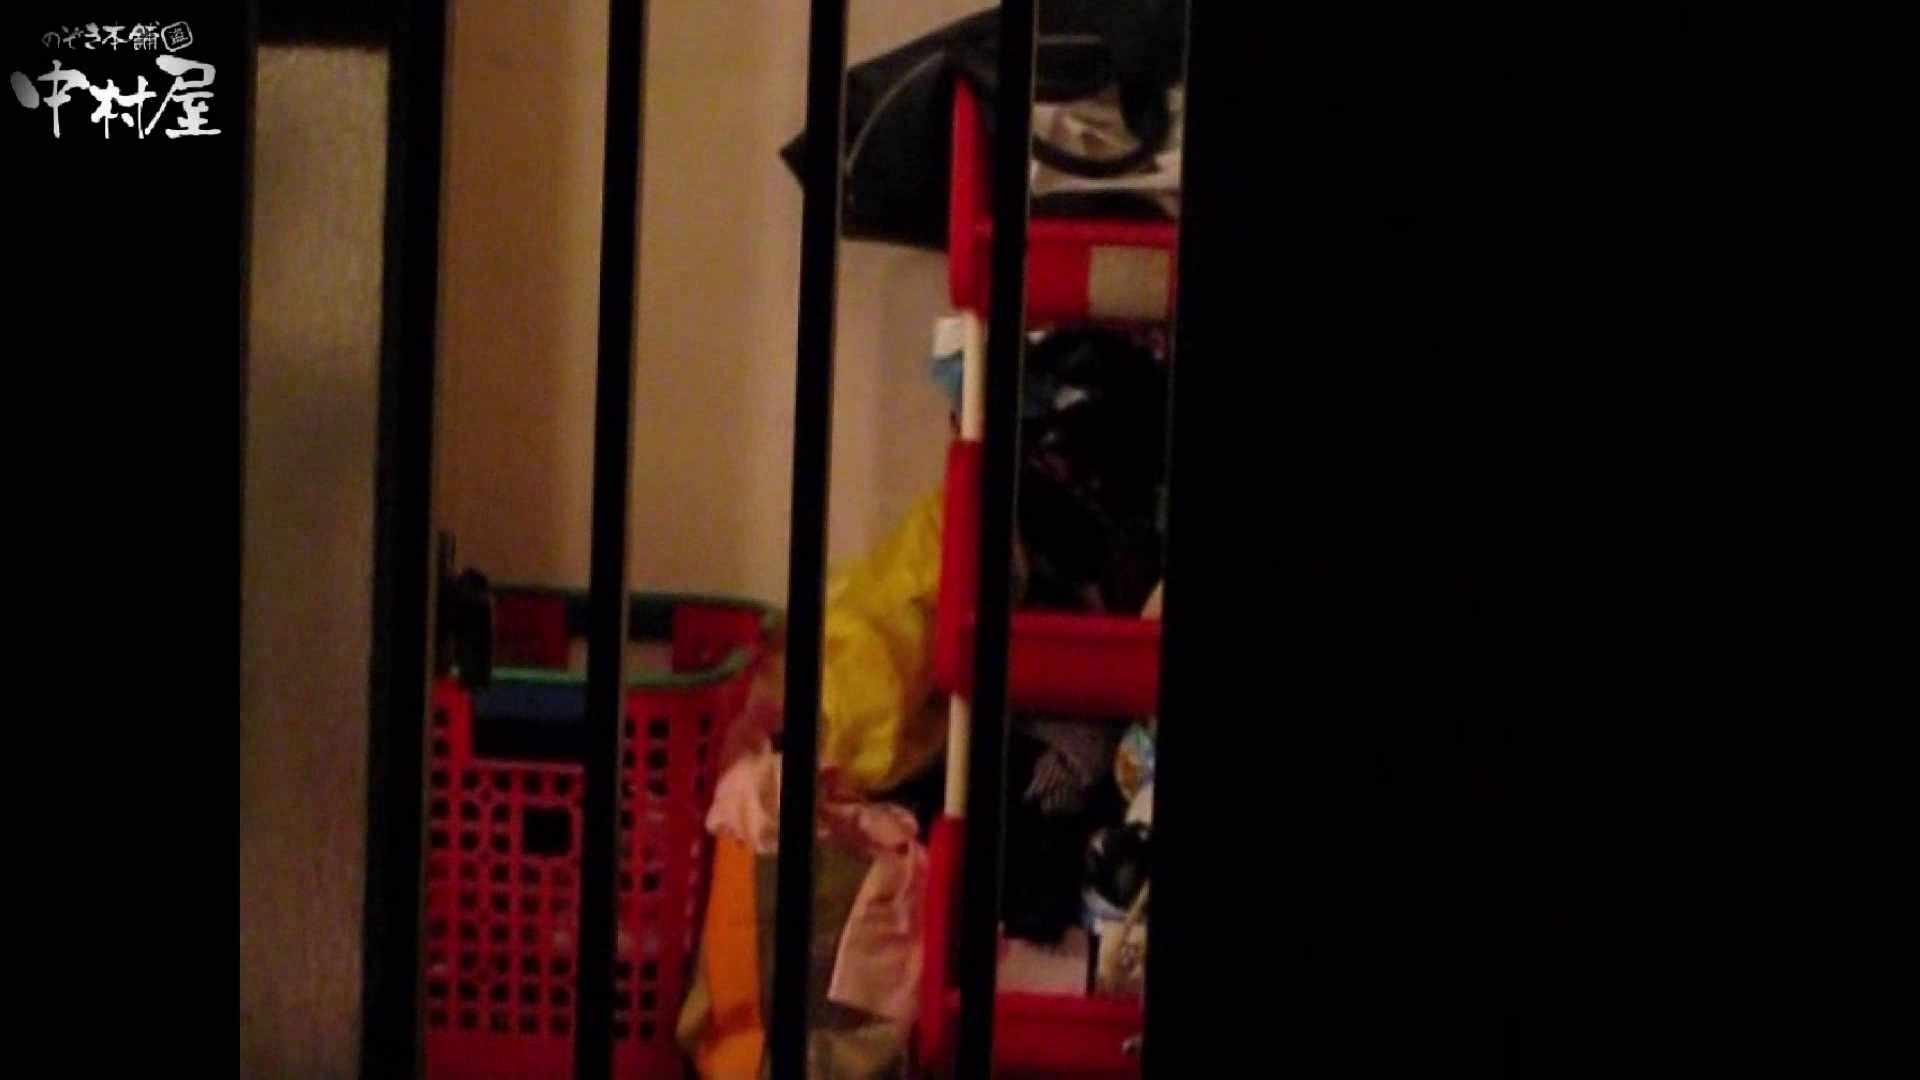 民家風呂専門盗撮師の超危険映像 vol.003 民家 アダルト動画キャプチャ 93pic 46